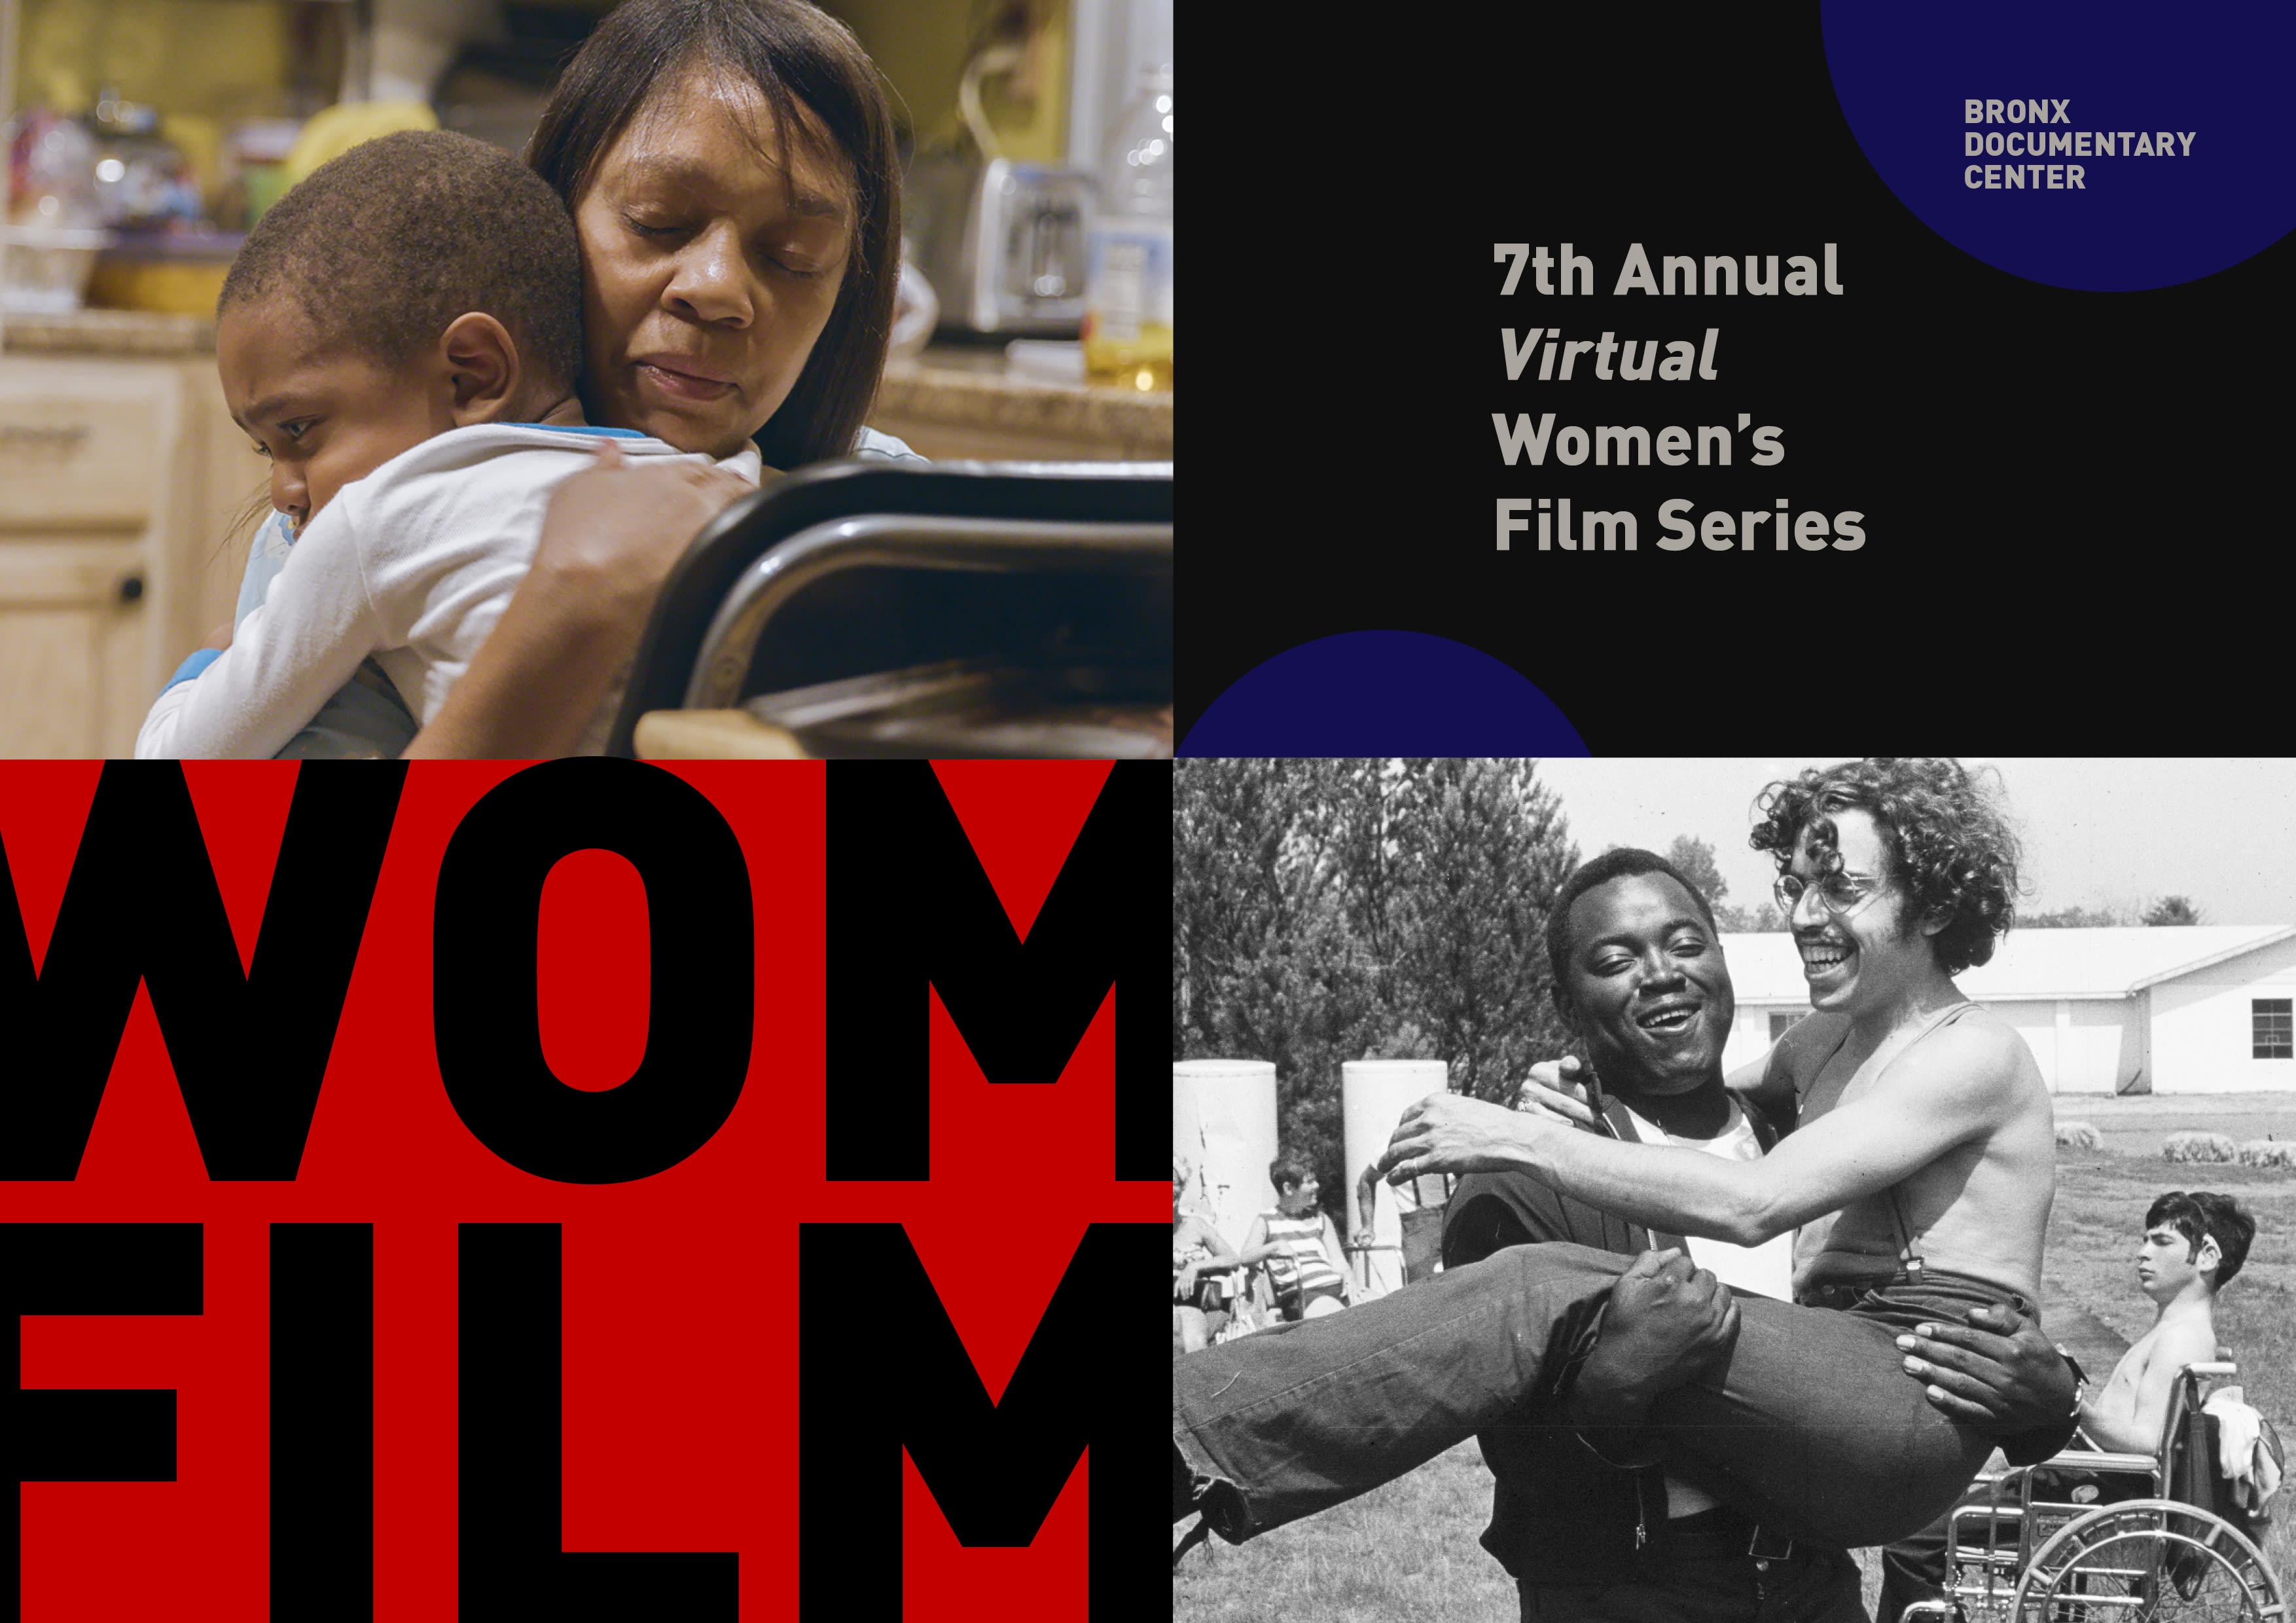 Virtual 7th Annual Women's Film Series